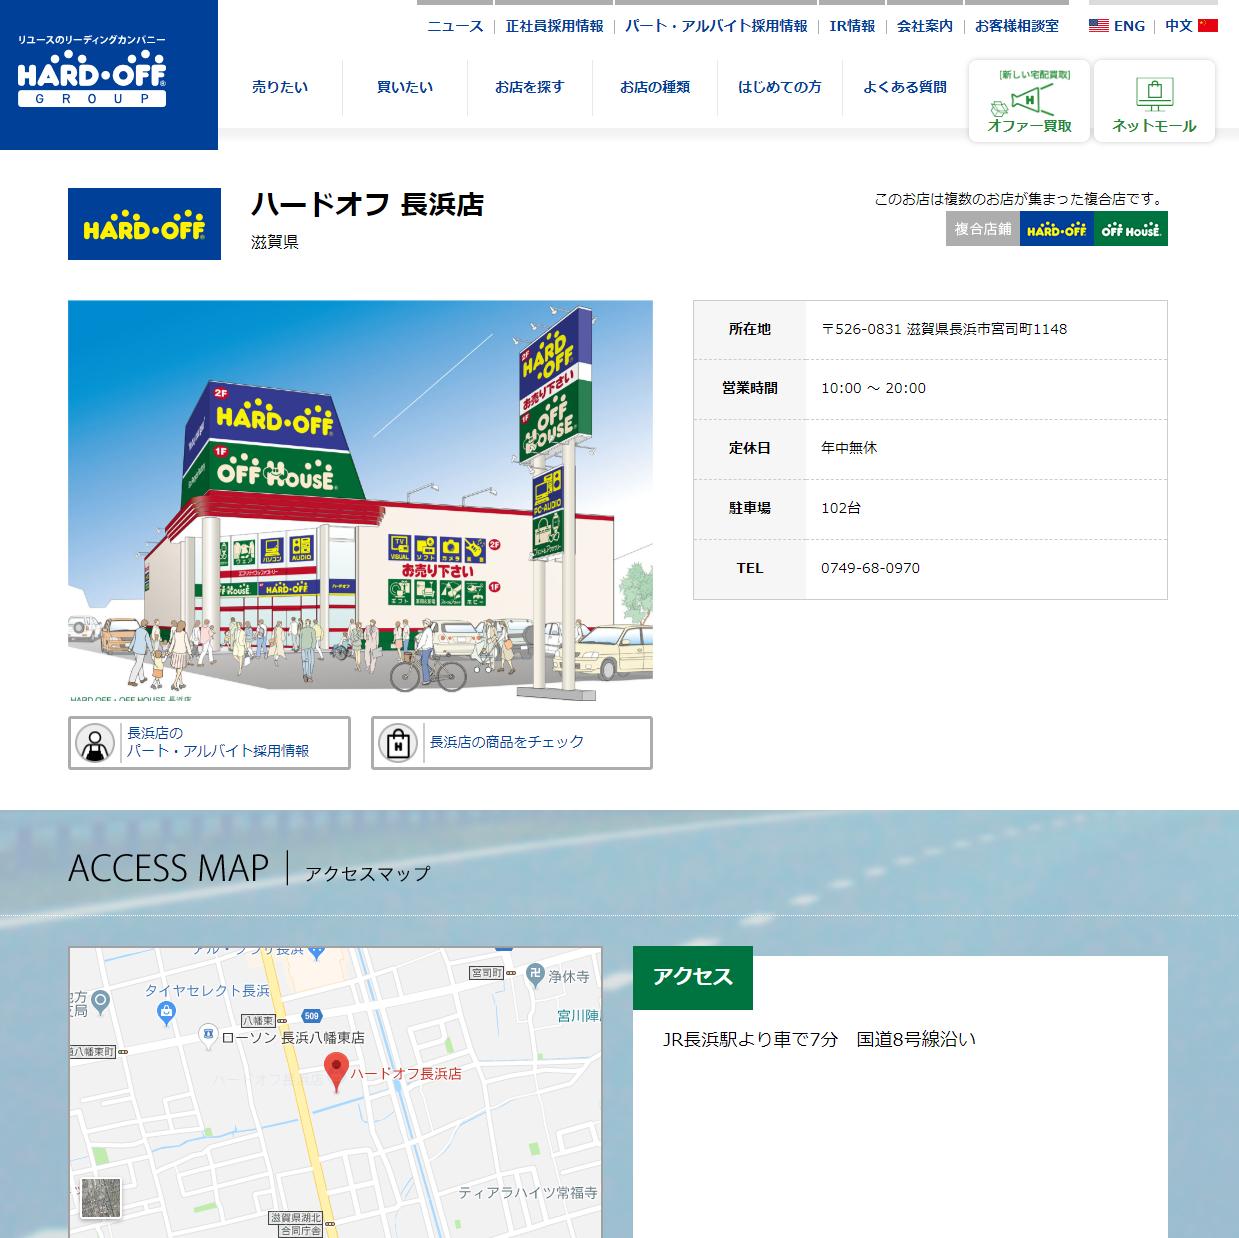 ハードオフ長浜店